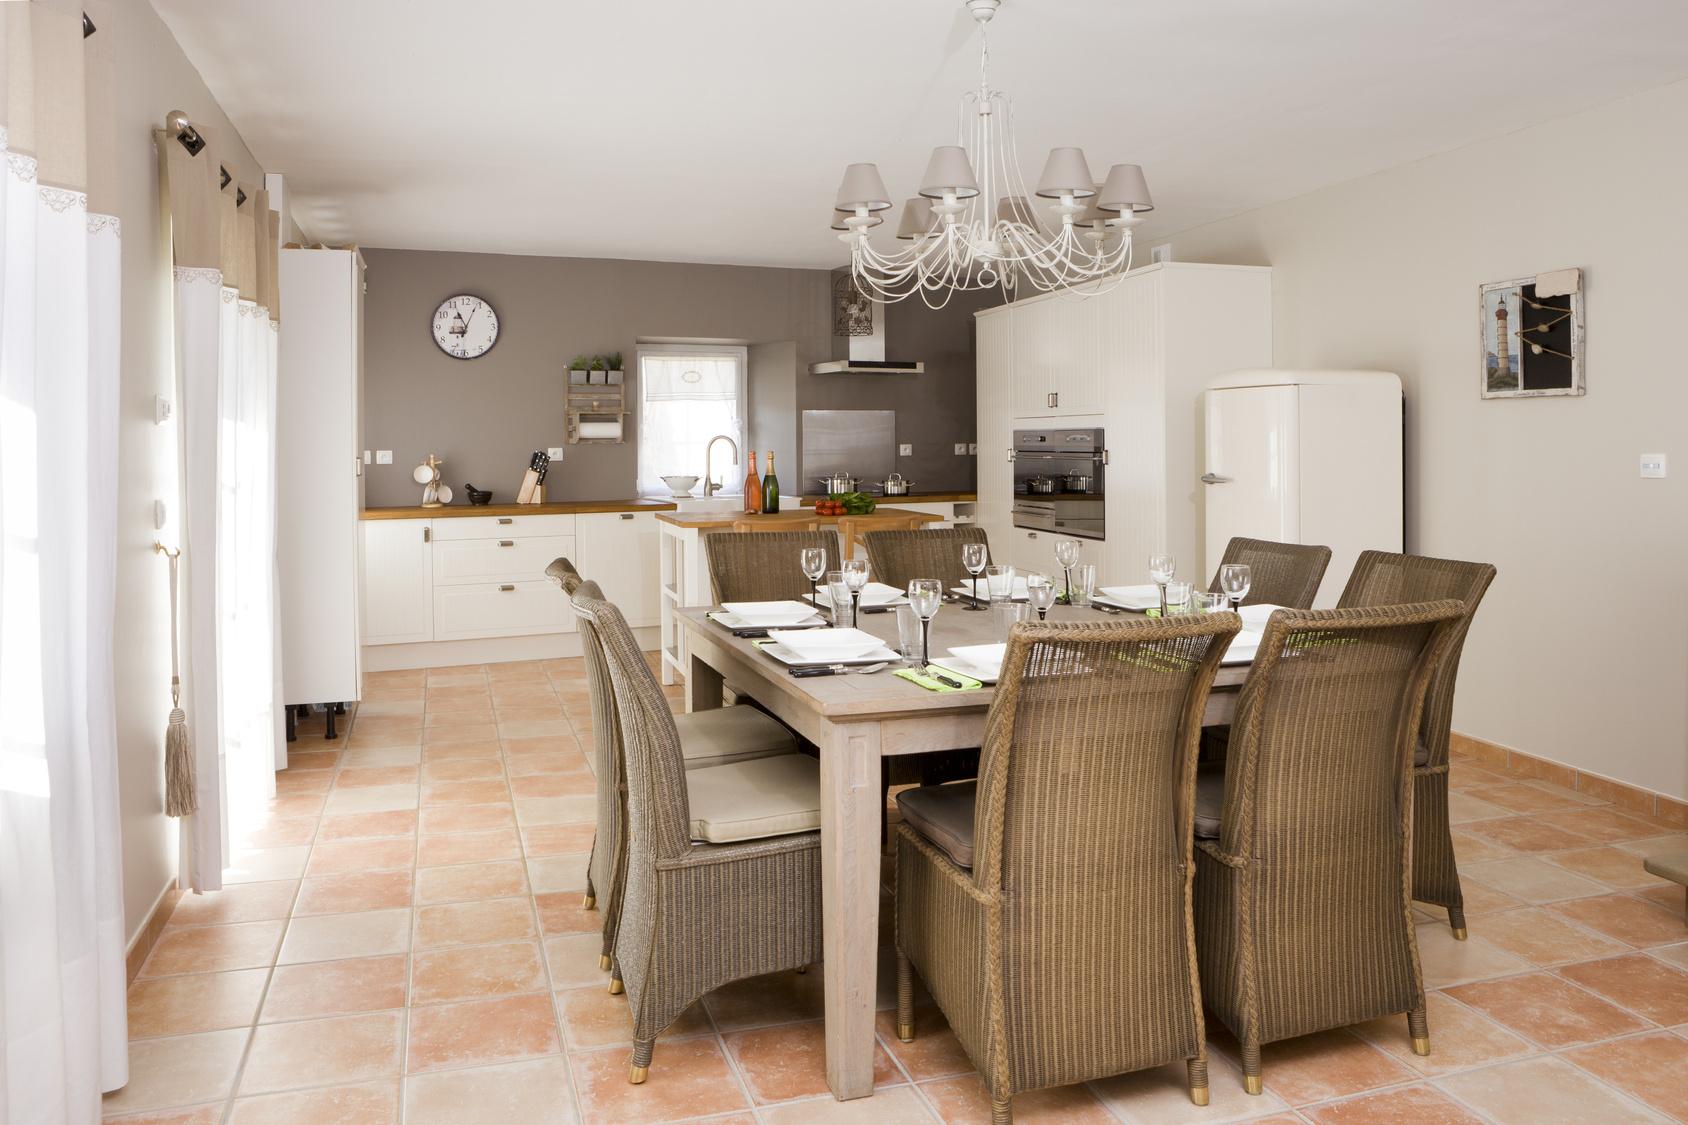 Offene küche wohnzimmer esszimmer – dumss.com